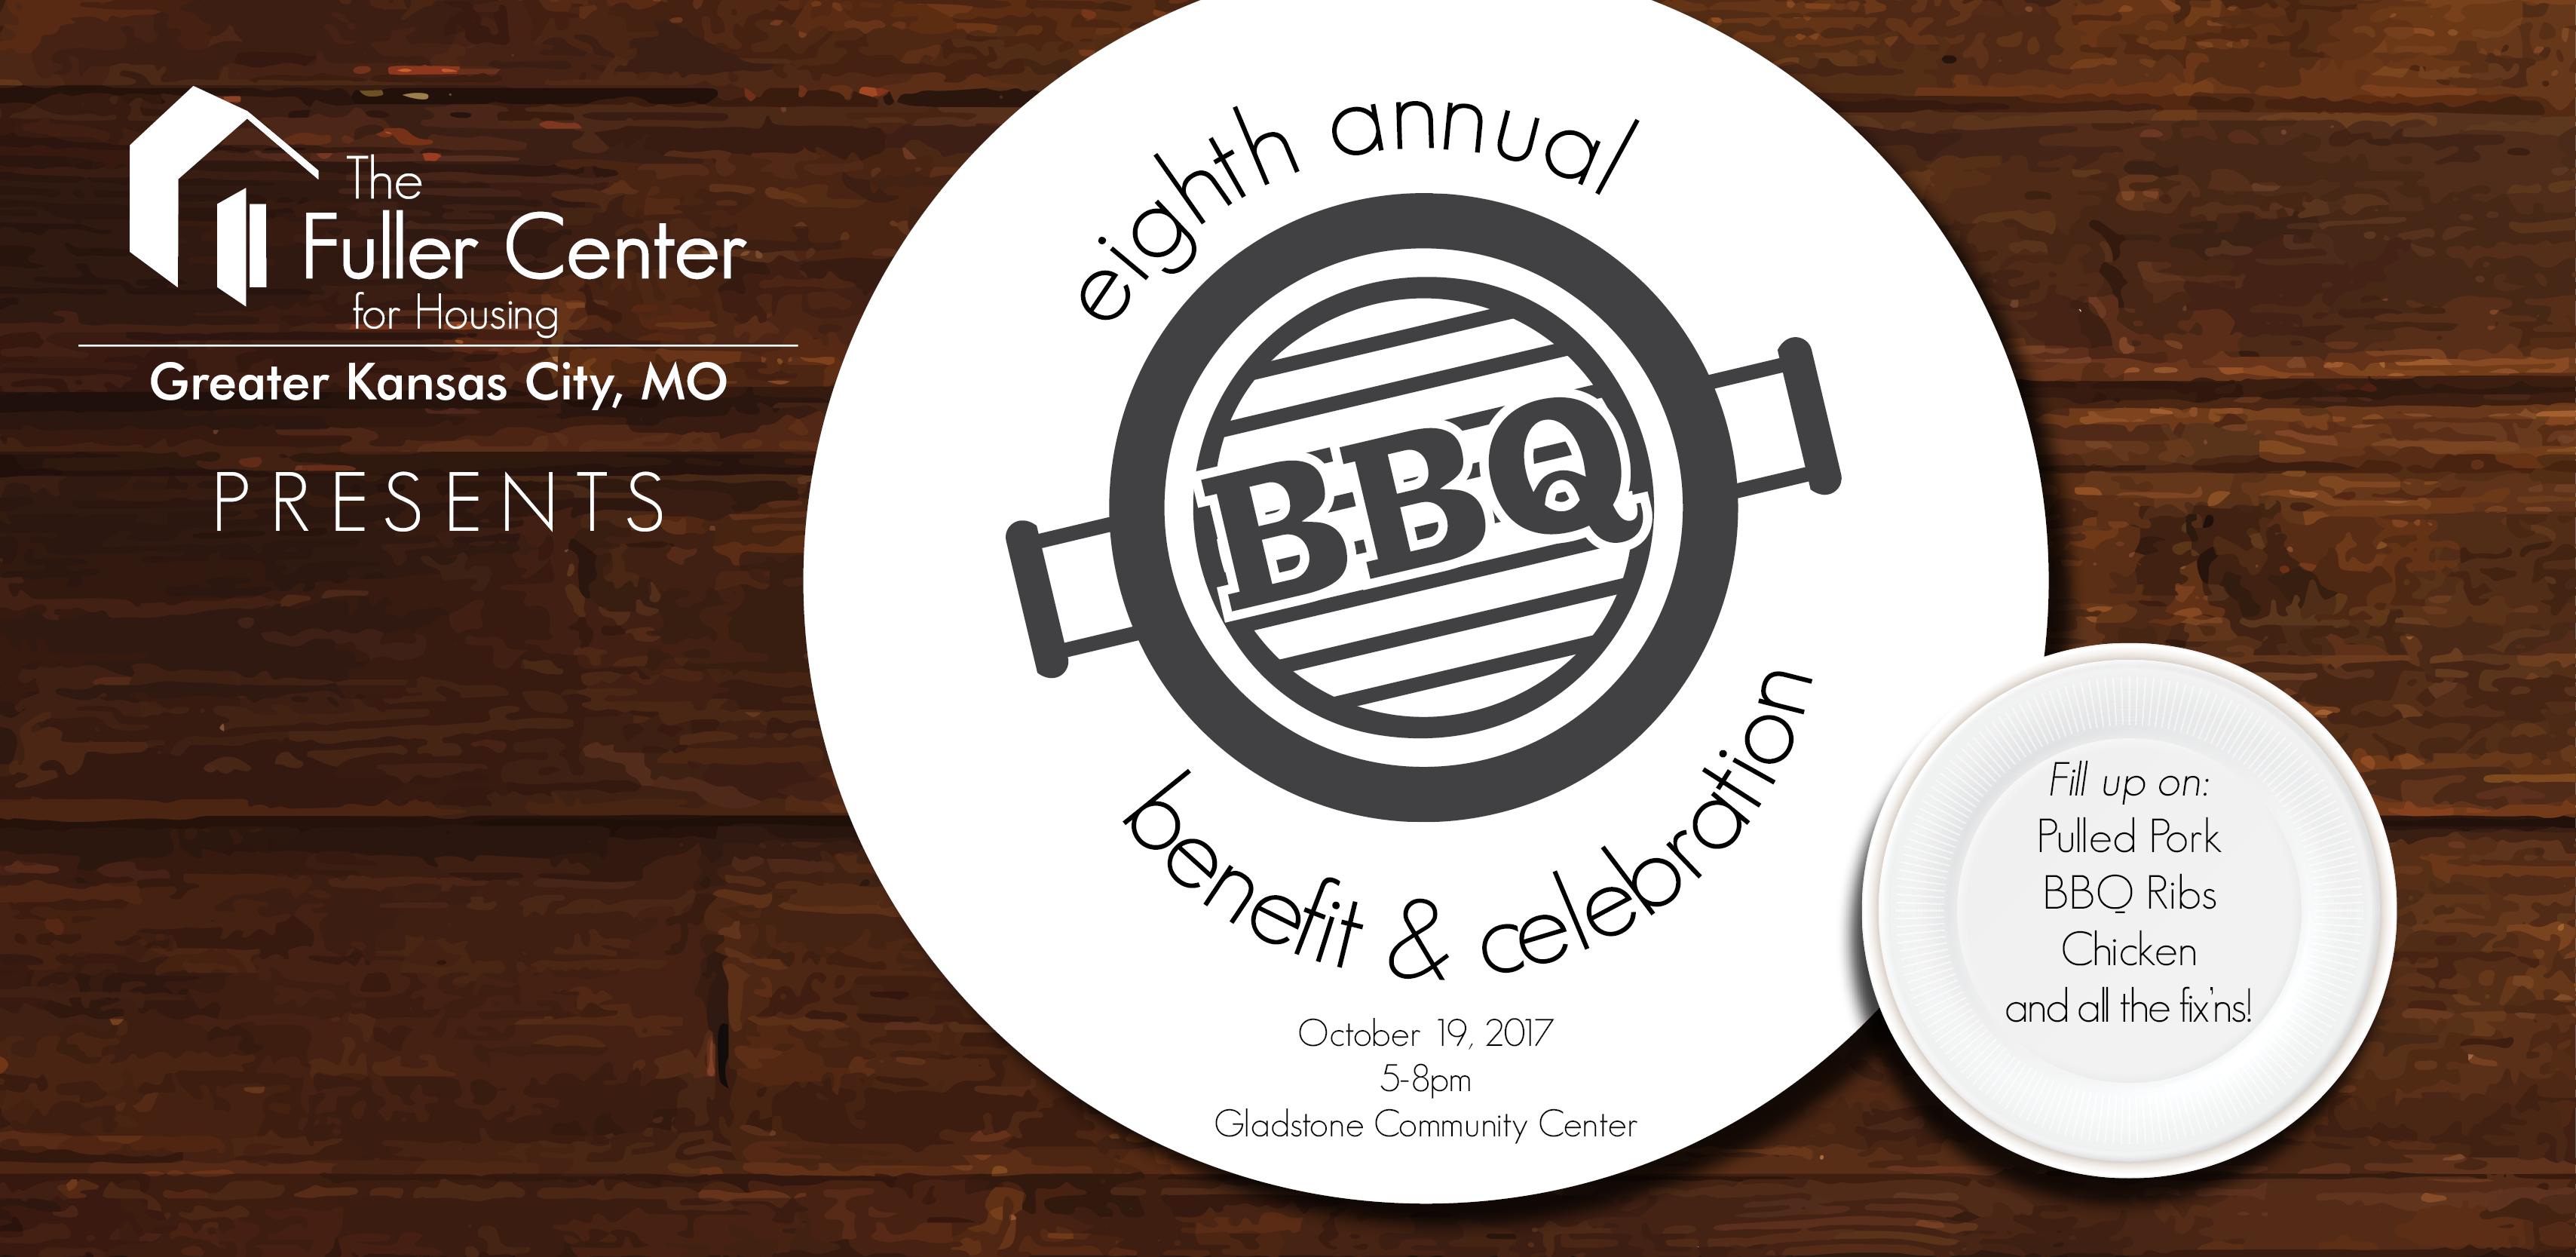 Graphic: Fuller Center for Housing of Greater Kansas City presents 8th Annual BBQ, Benefit & Celebration | fullercenterkc.org